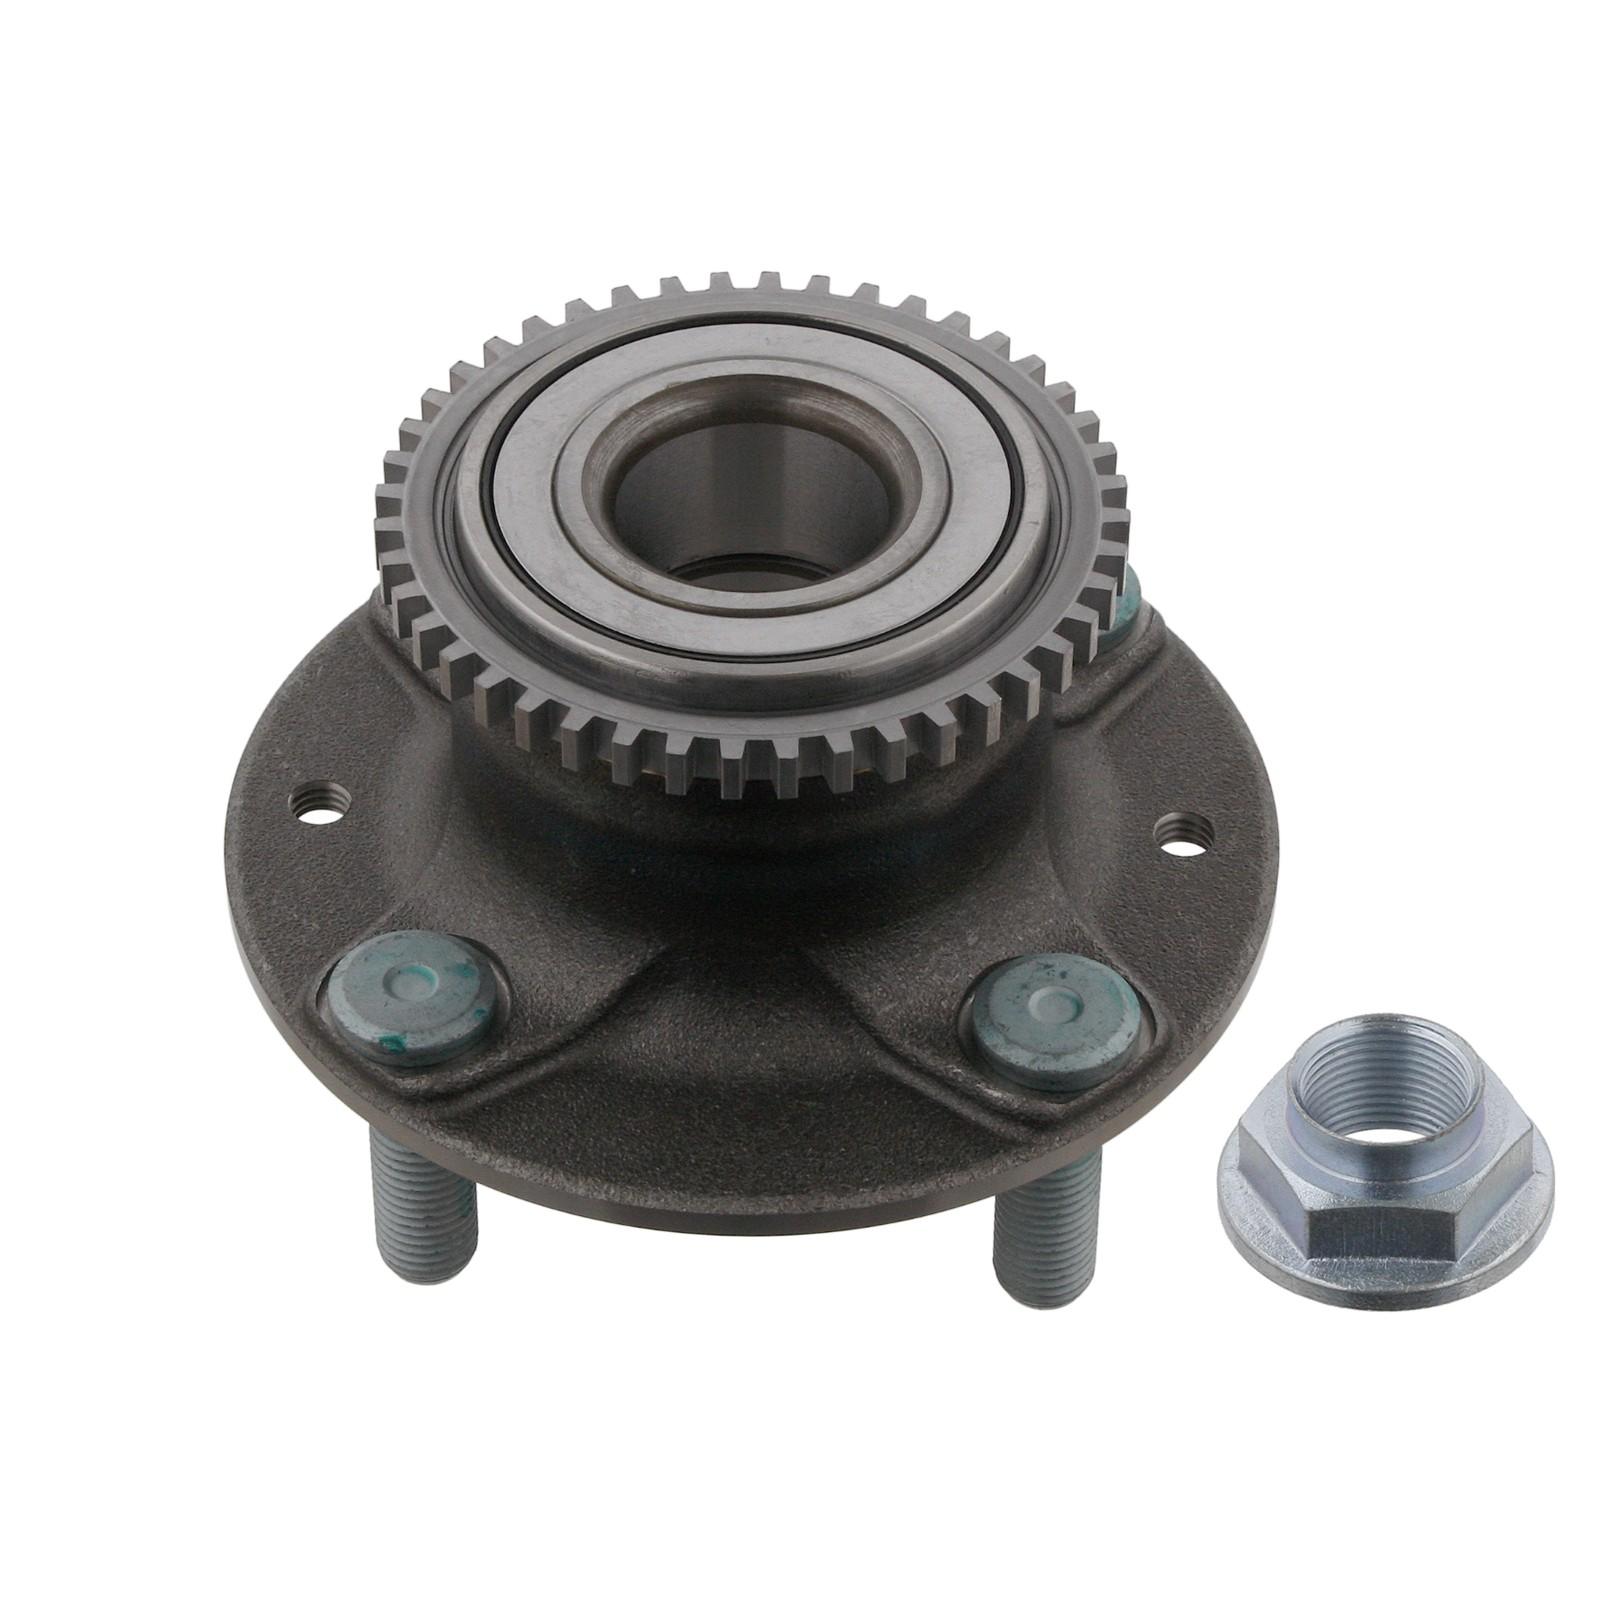 FEBI 32685 Radlagersatz Radnabe + ABS-Sensor MAZDA 323 IV V VI MX-3 hinten B603-26-15XC